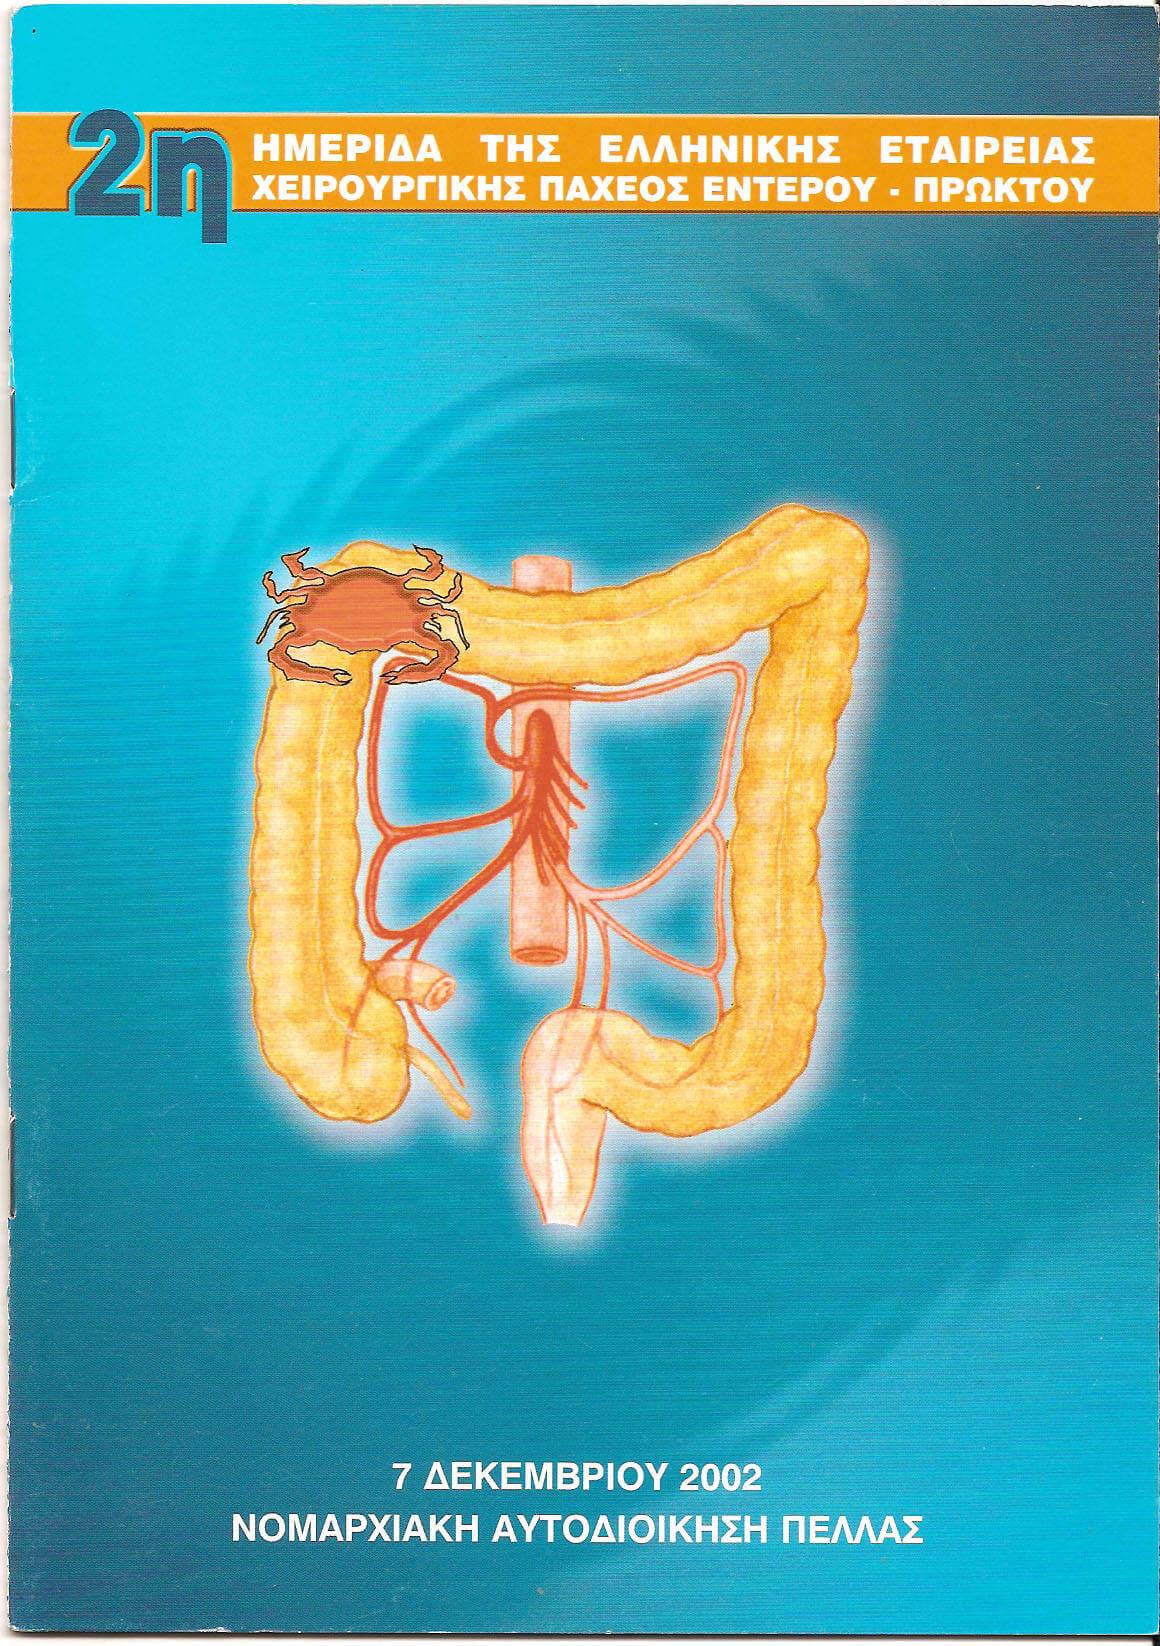 2η ημερίδα της Ελληνικής Εταιρείας Χειρουργικής Παχέος εντέρου - Πρωκτού